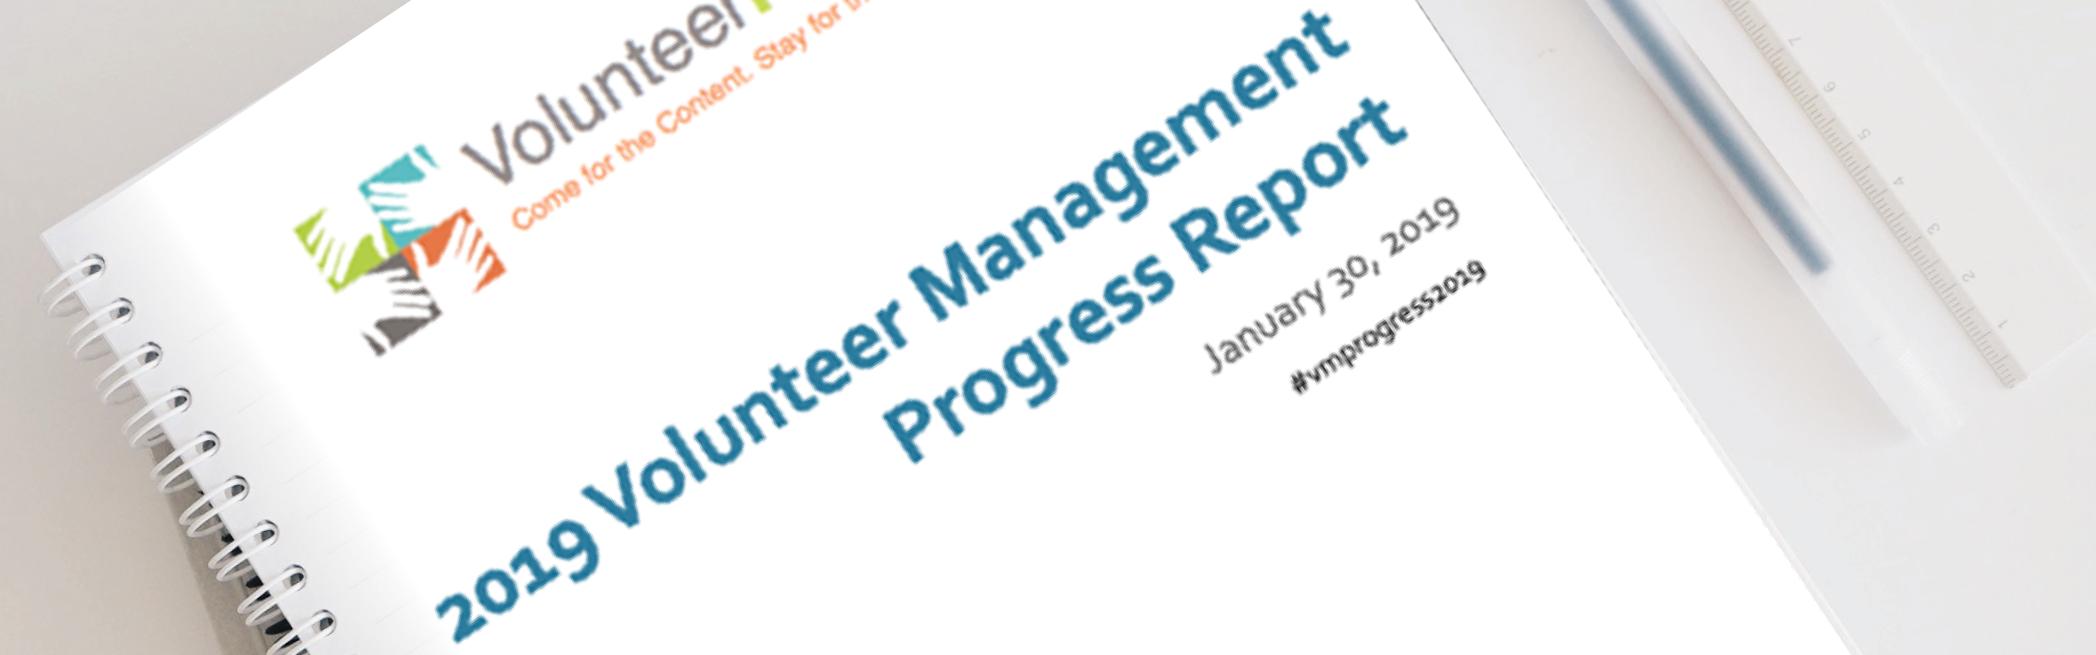 volunteer management progress report